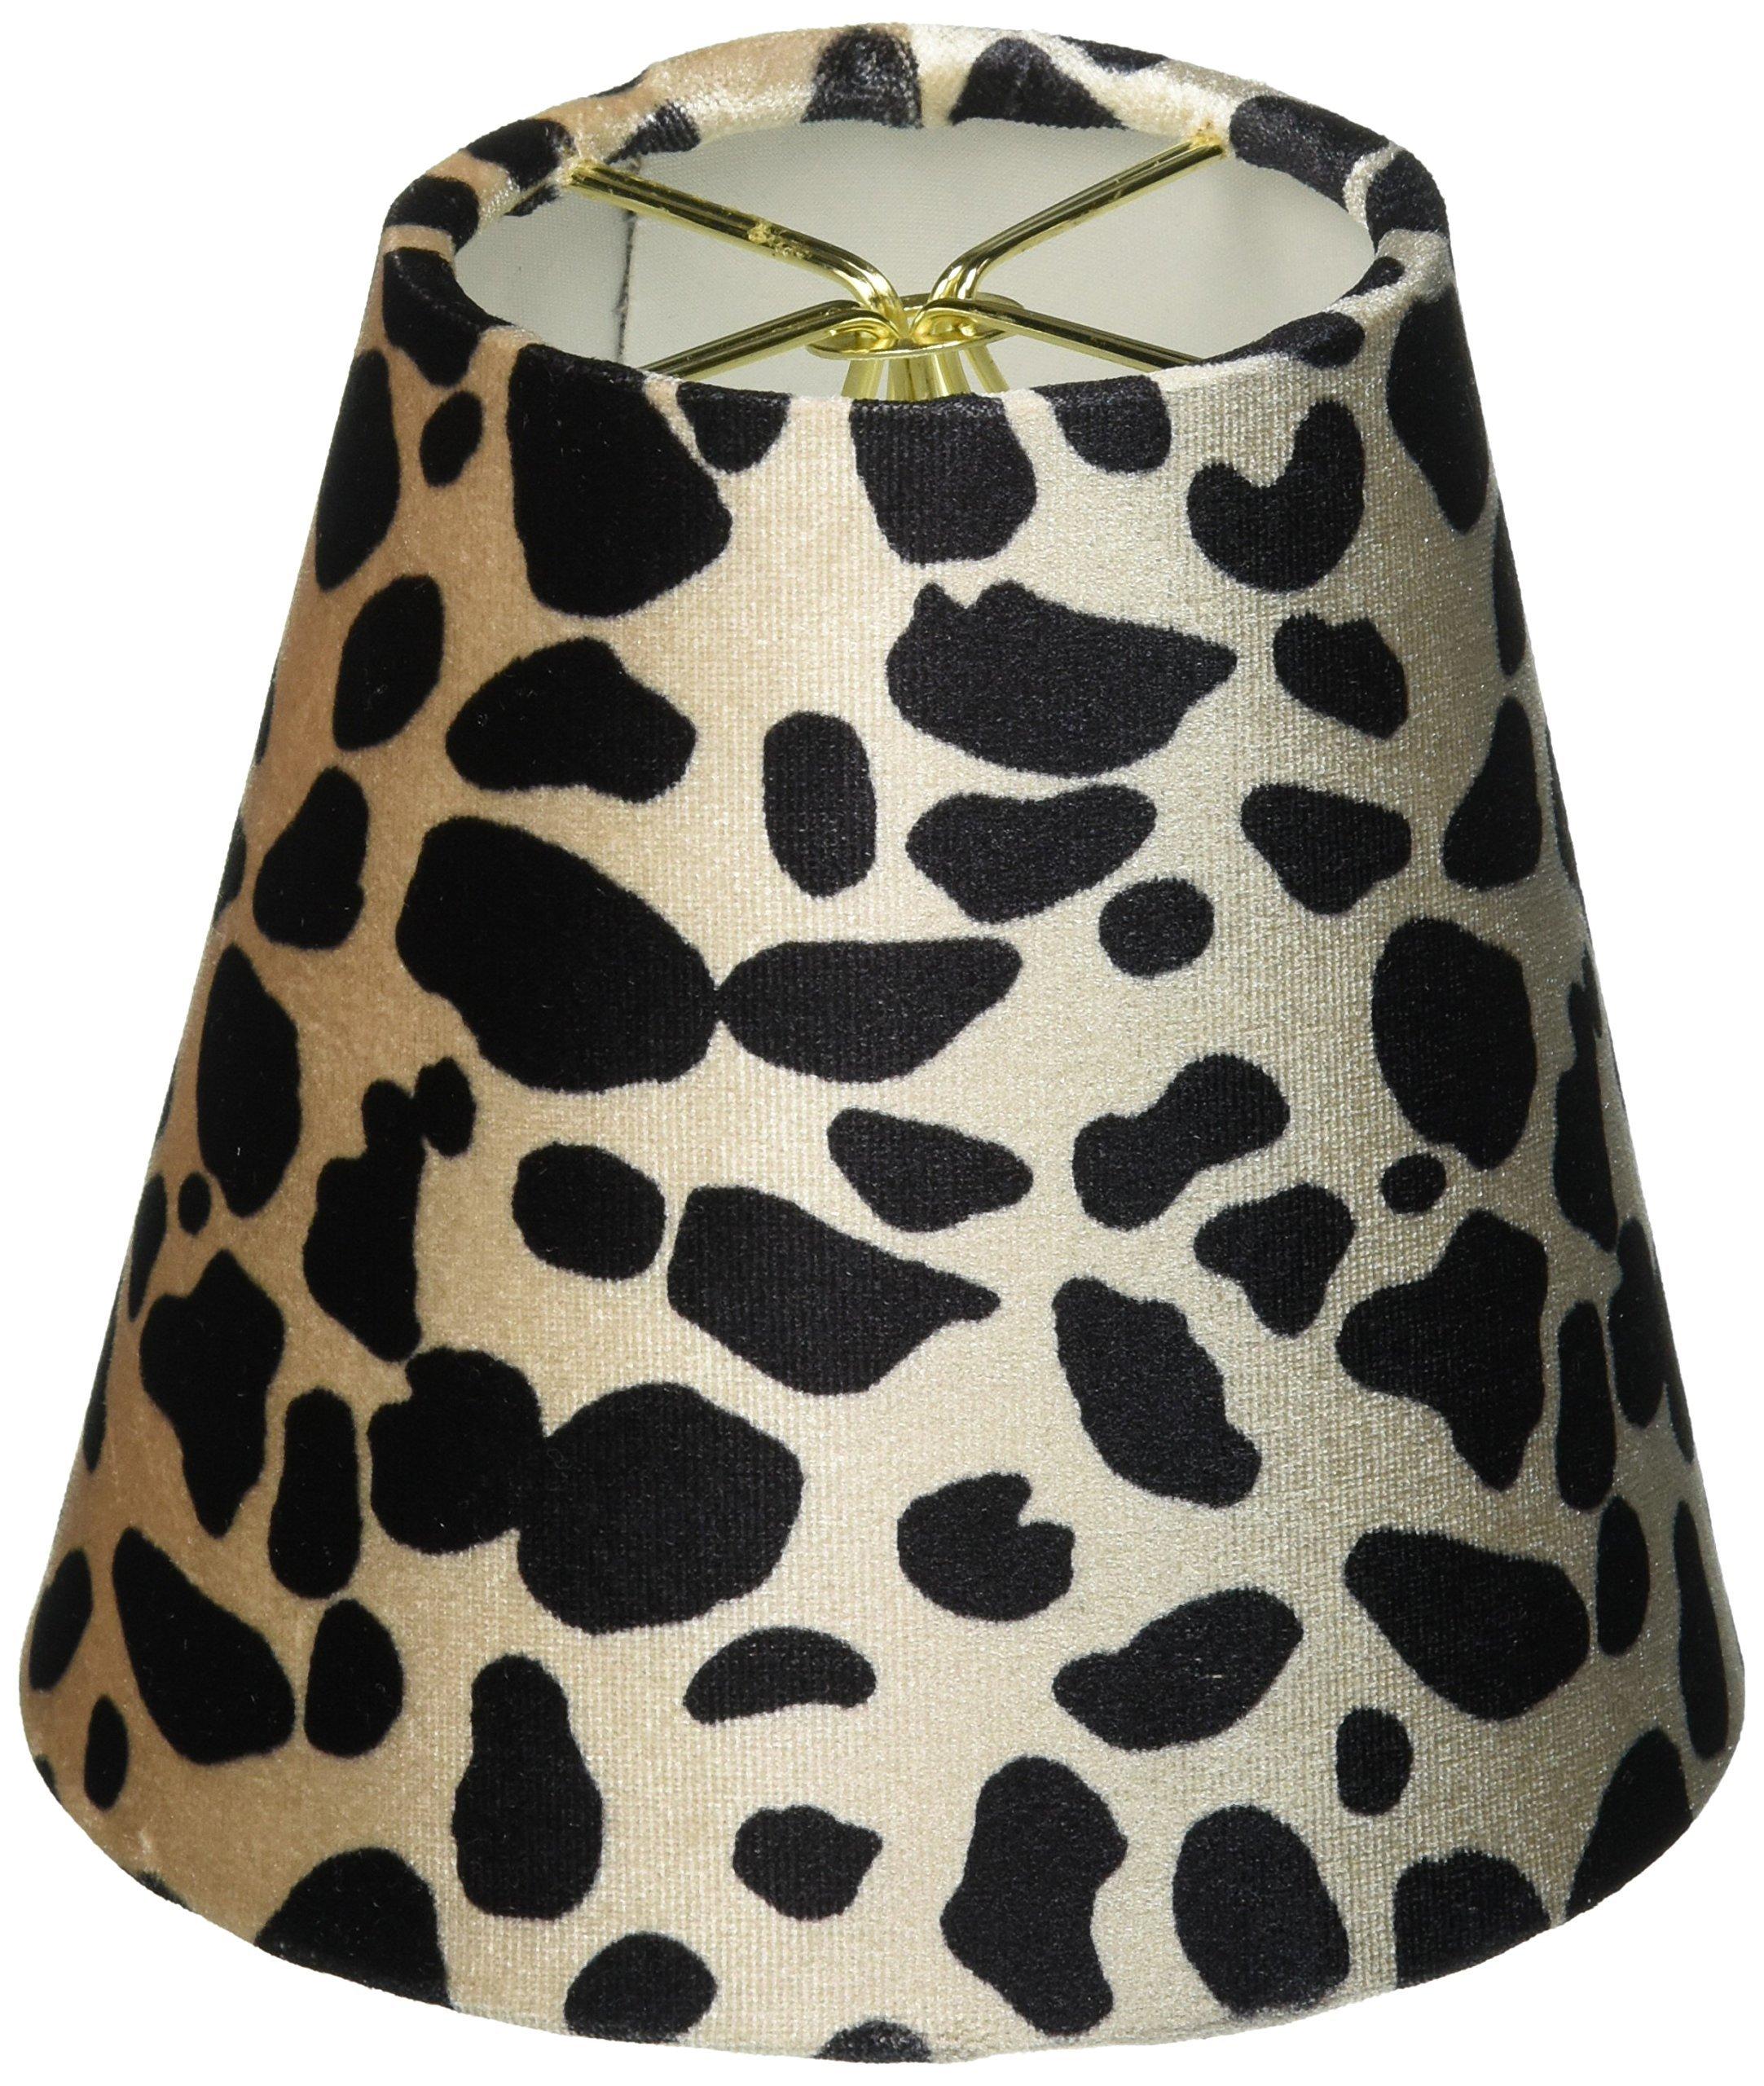 Royal Designs CS-960-5 Pantalla grande para lámpara de araña con estampado de leopardo, 7,6 x 12,7 x 11,4 cm, color negro y marrón: Amazon.es: Iluminación